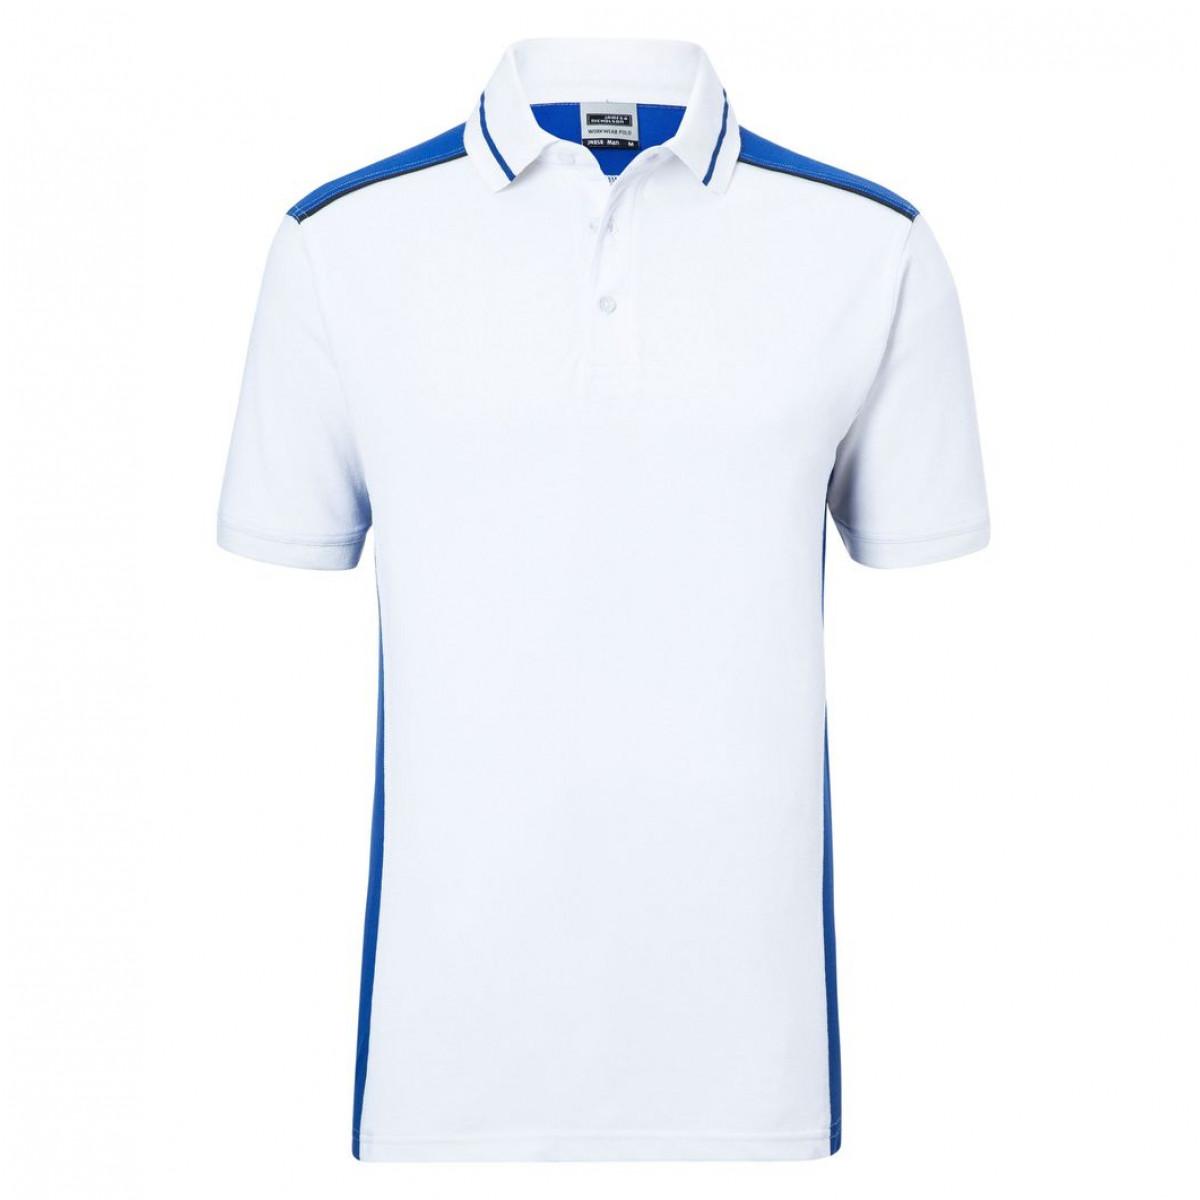 Рубашка поло мужская JN858 Mens Workwear Polo-Level 2 - Белый/Ярко-синий